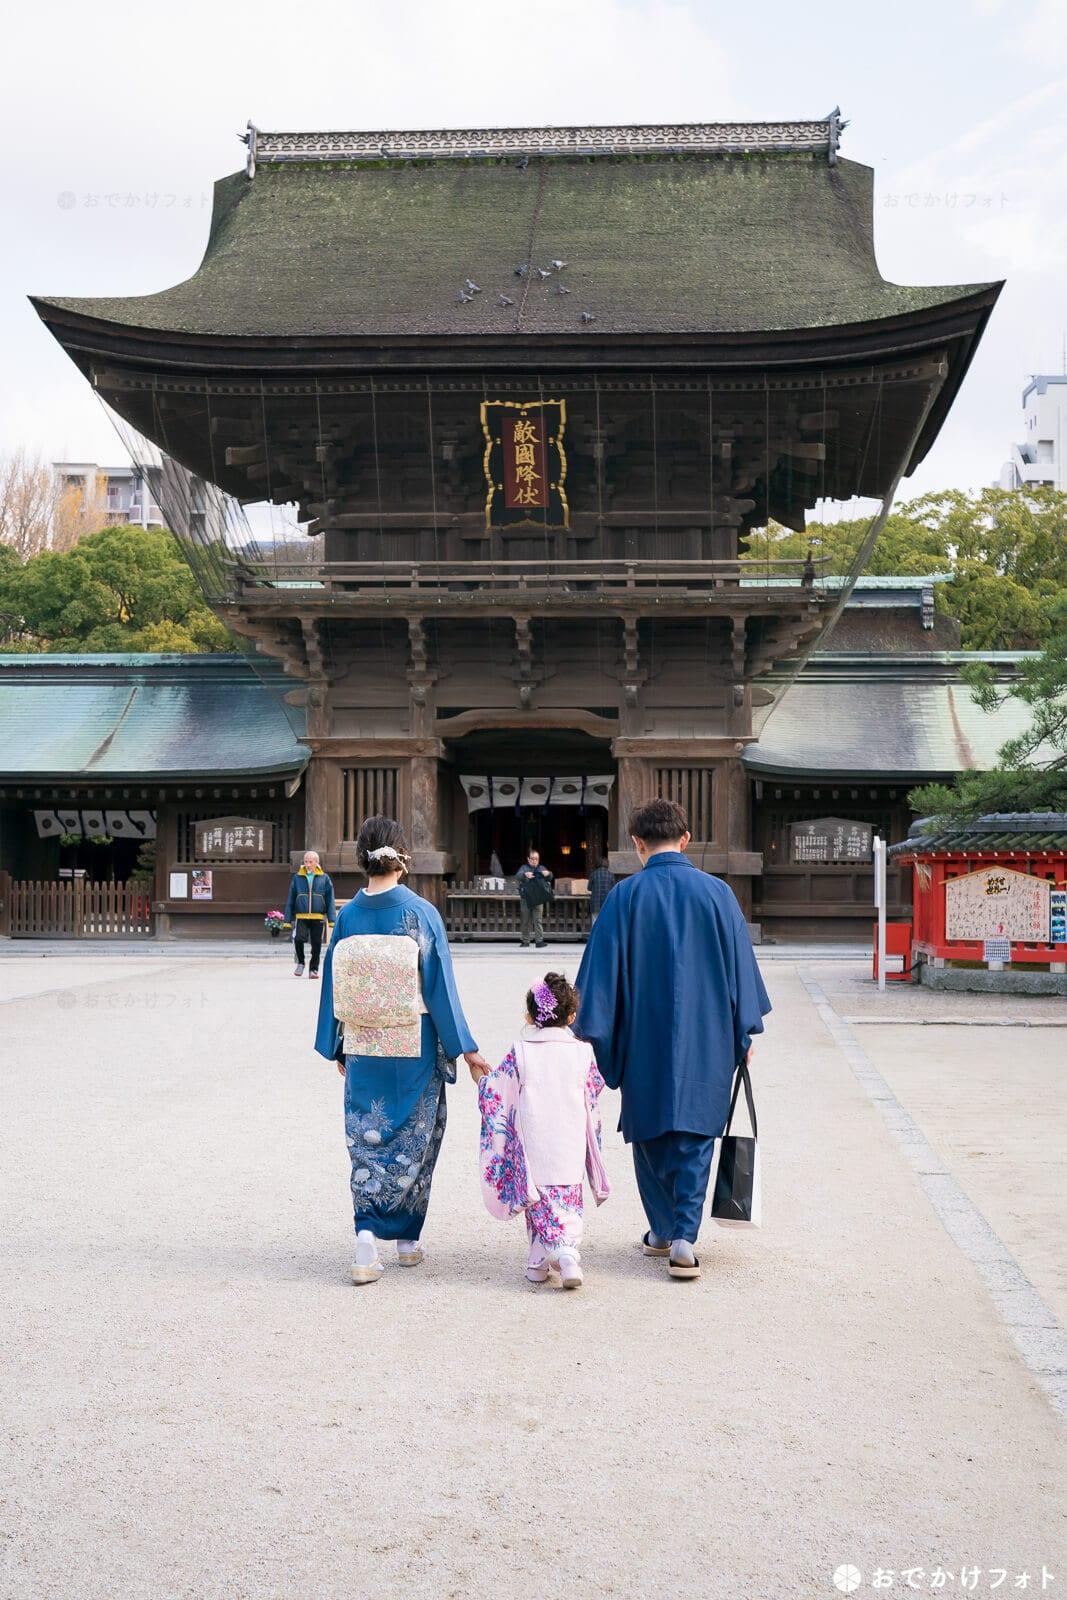 筥崎宮の立派な楼門